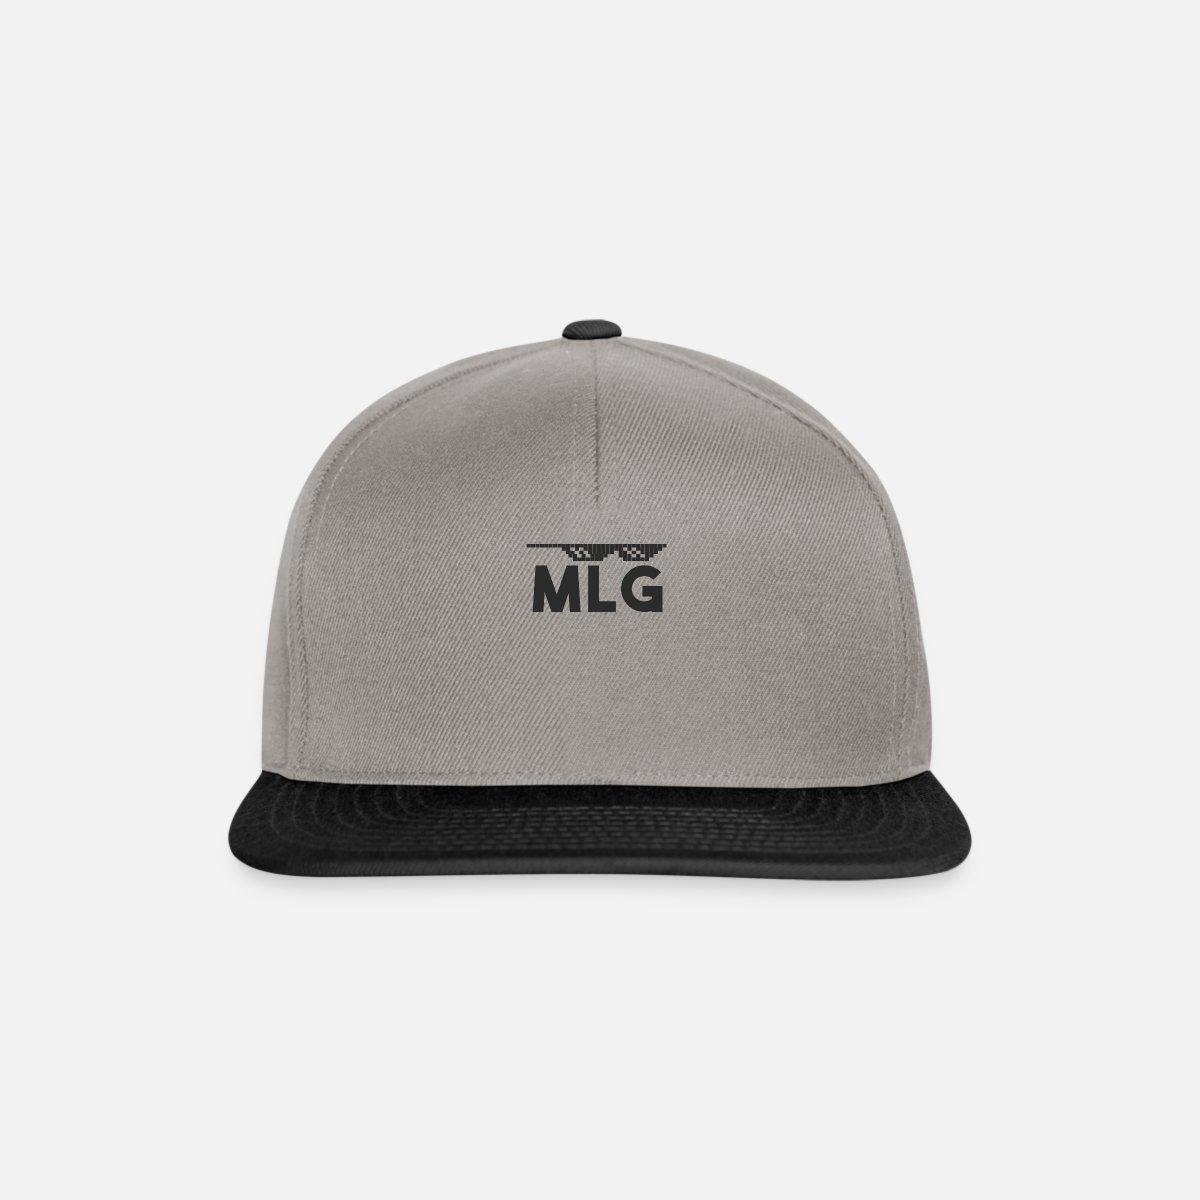 check-out e8204 f155a MLG Casquette snapback - gris graphite/noir